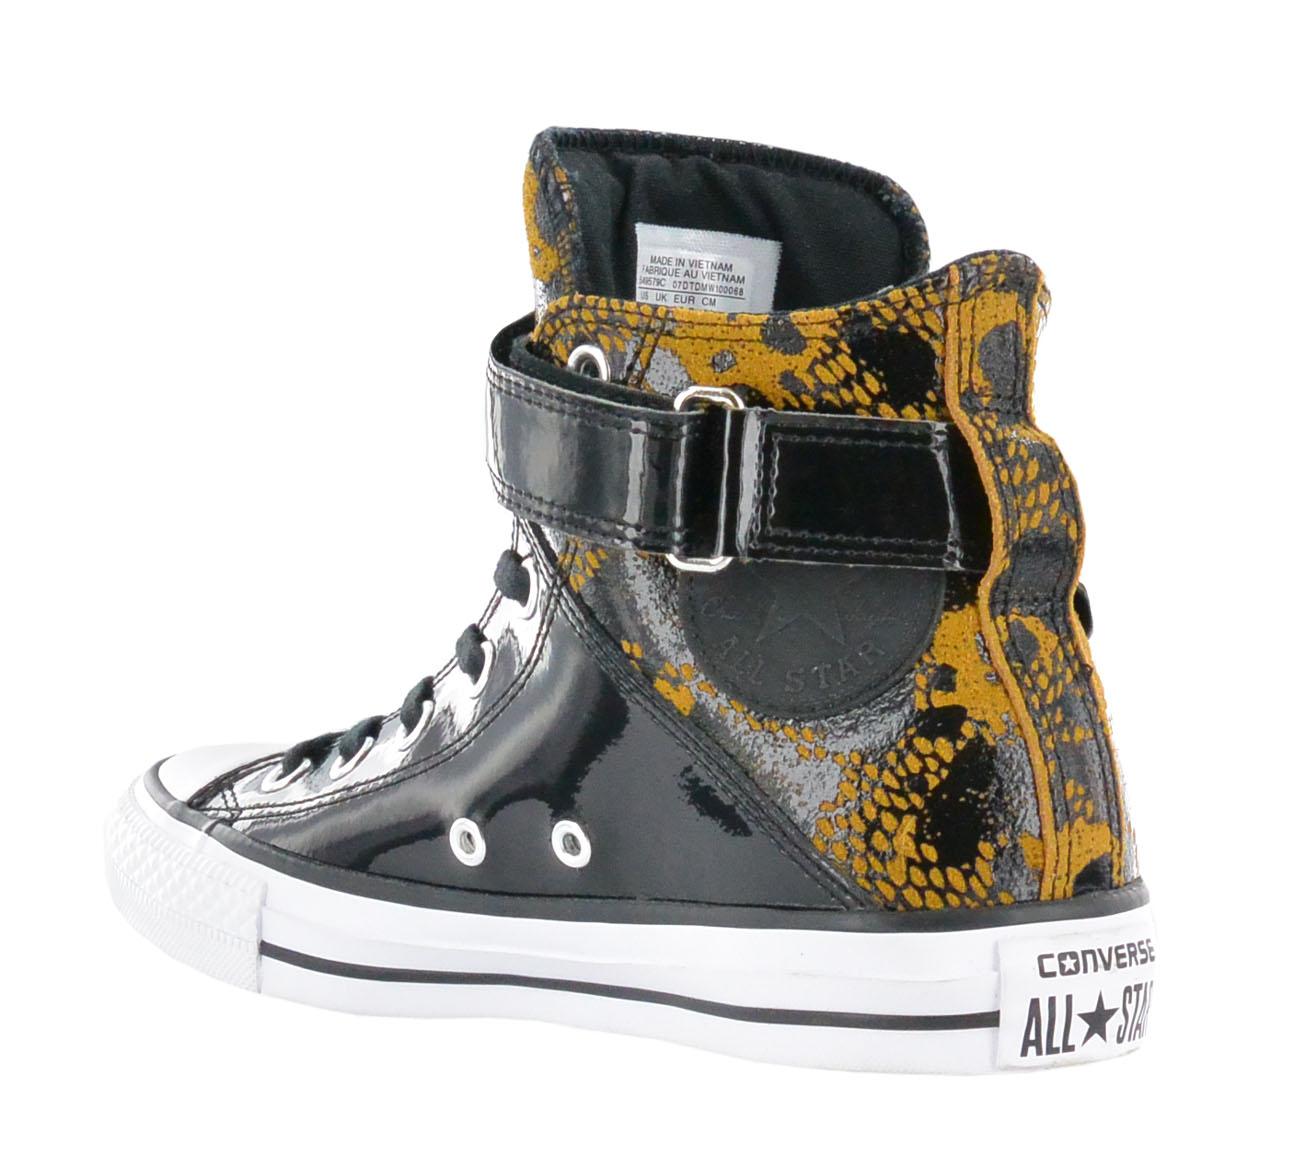 c8fe4a368243 Converse Chucks all Star Ct Brea Hi Antique Women s Shoes Black ...